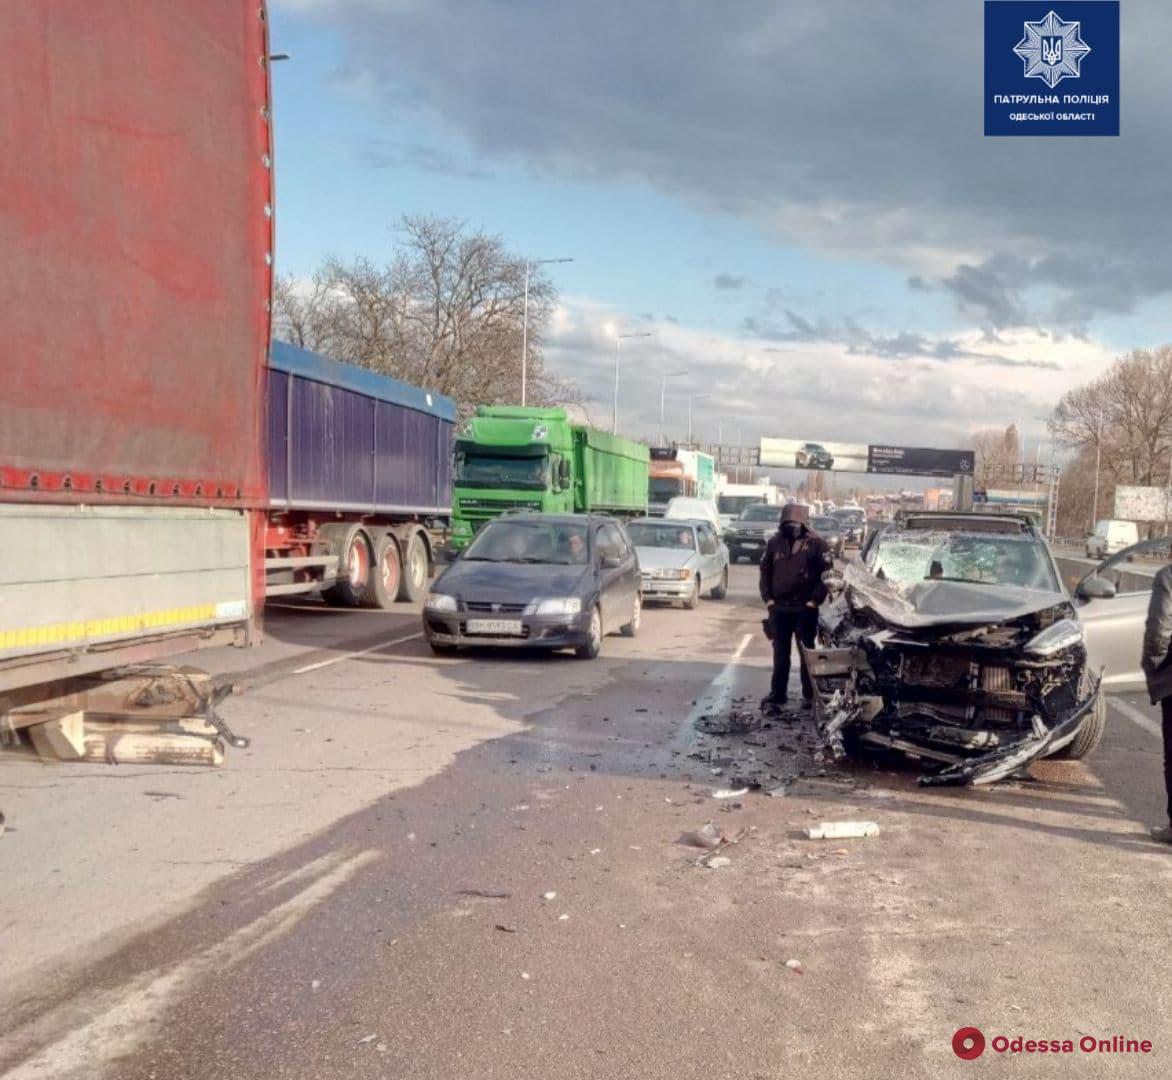 ДТП на Киевской трассе: кроссовер догнал грузовик (фото)